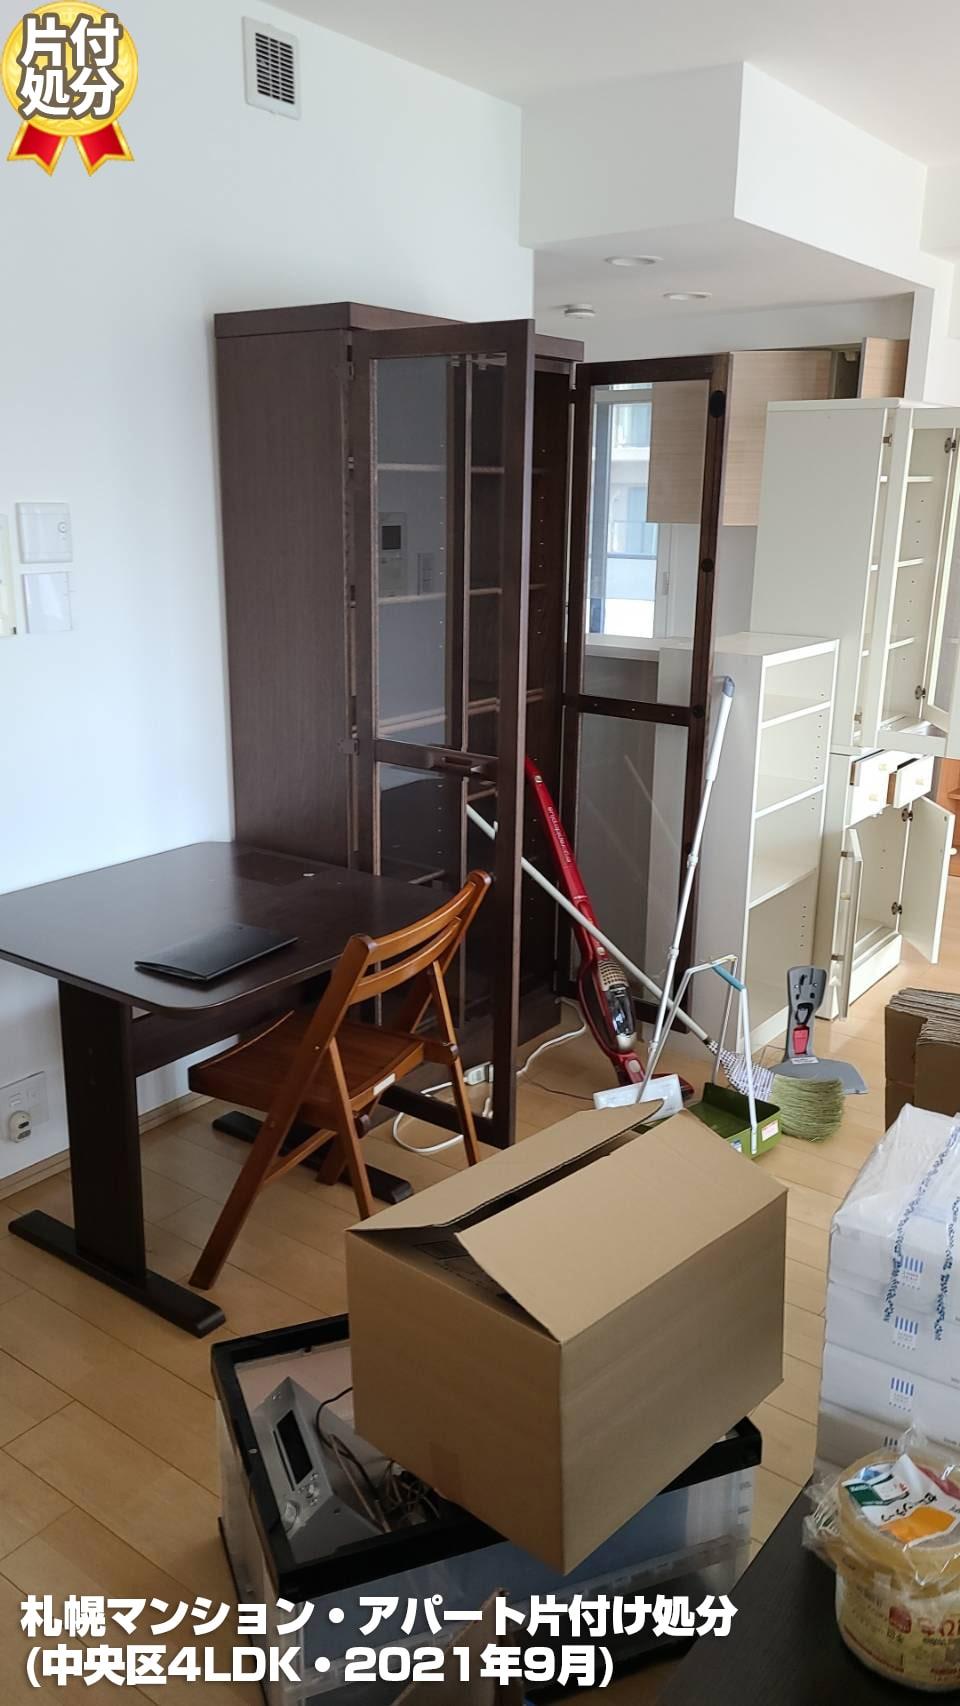 札幌マンション・アパート片付け処分(中央区4LDK・2021年9月)